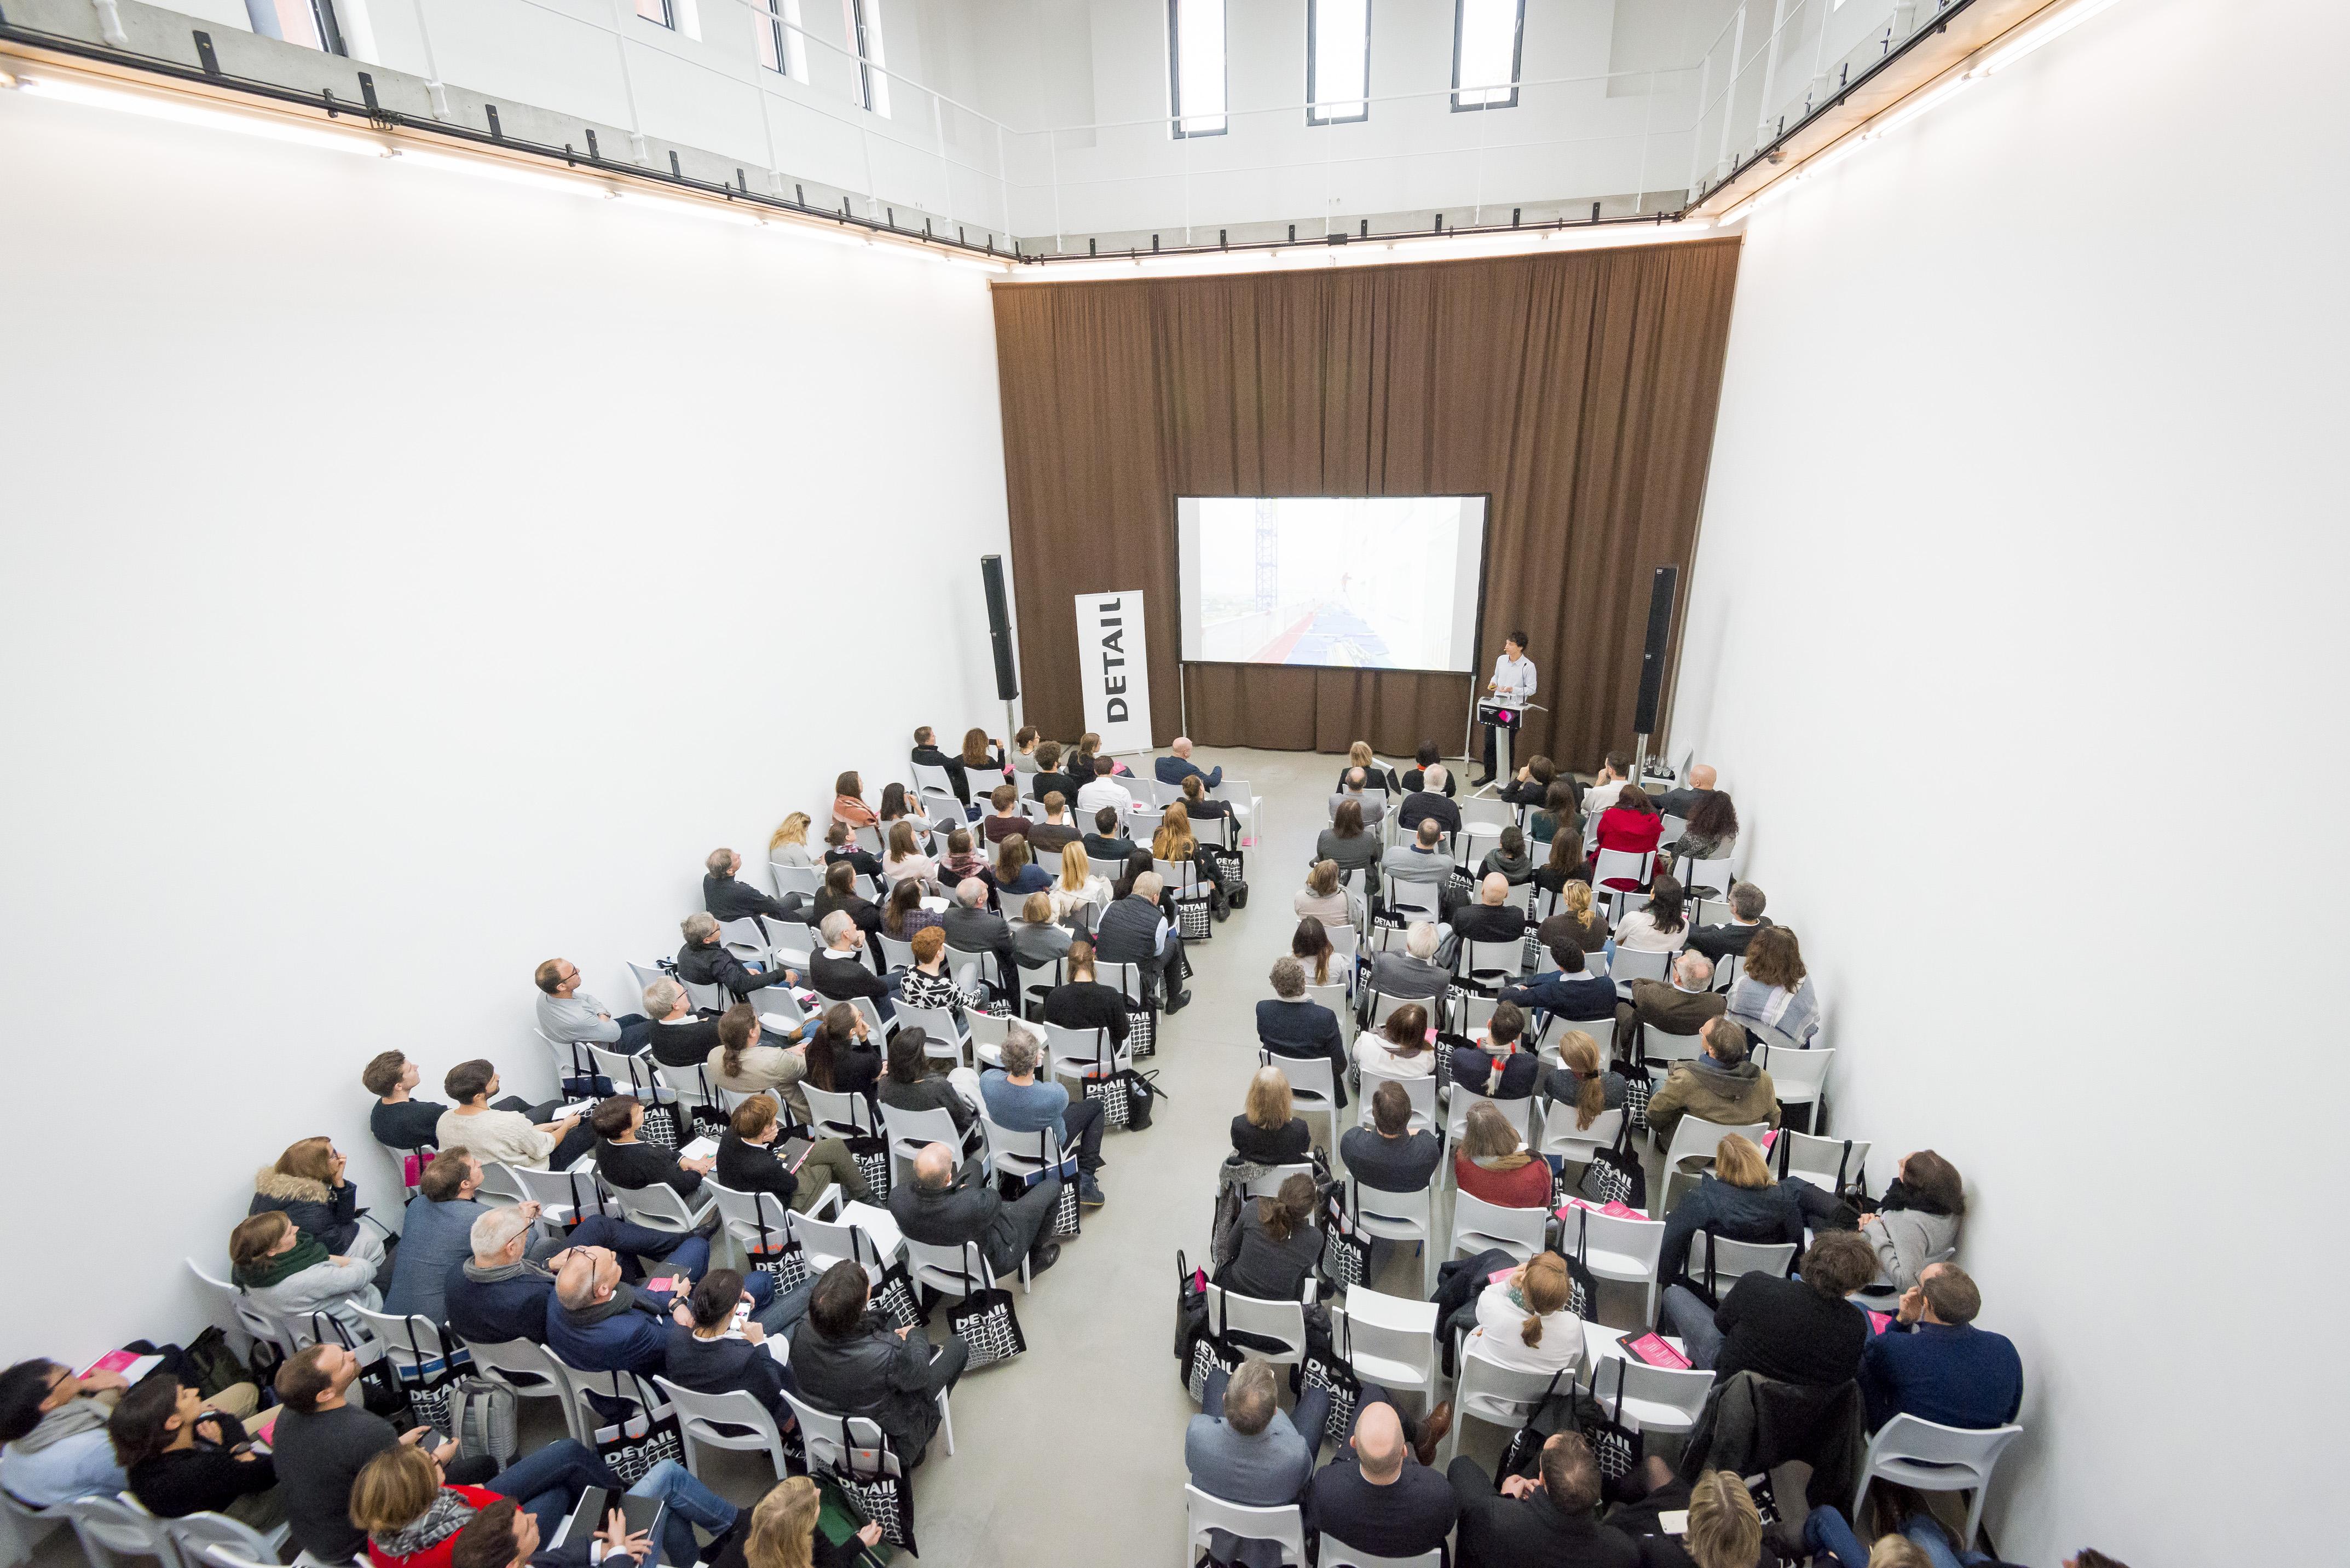 NAX Report 04/17: Veranstaltungsberichte